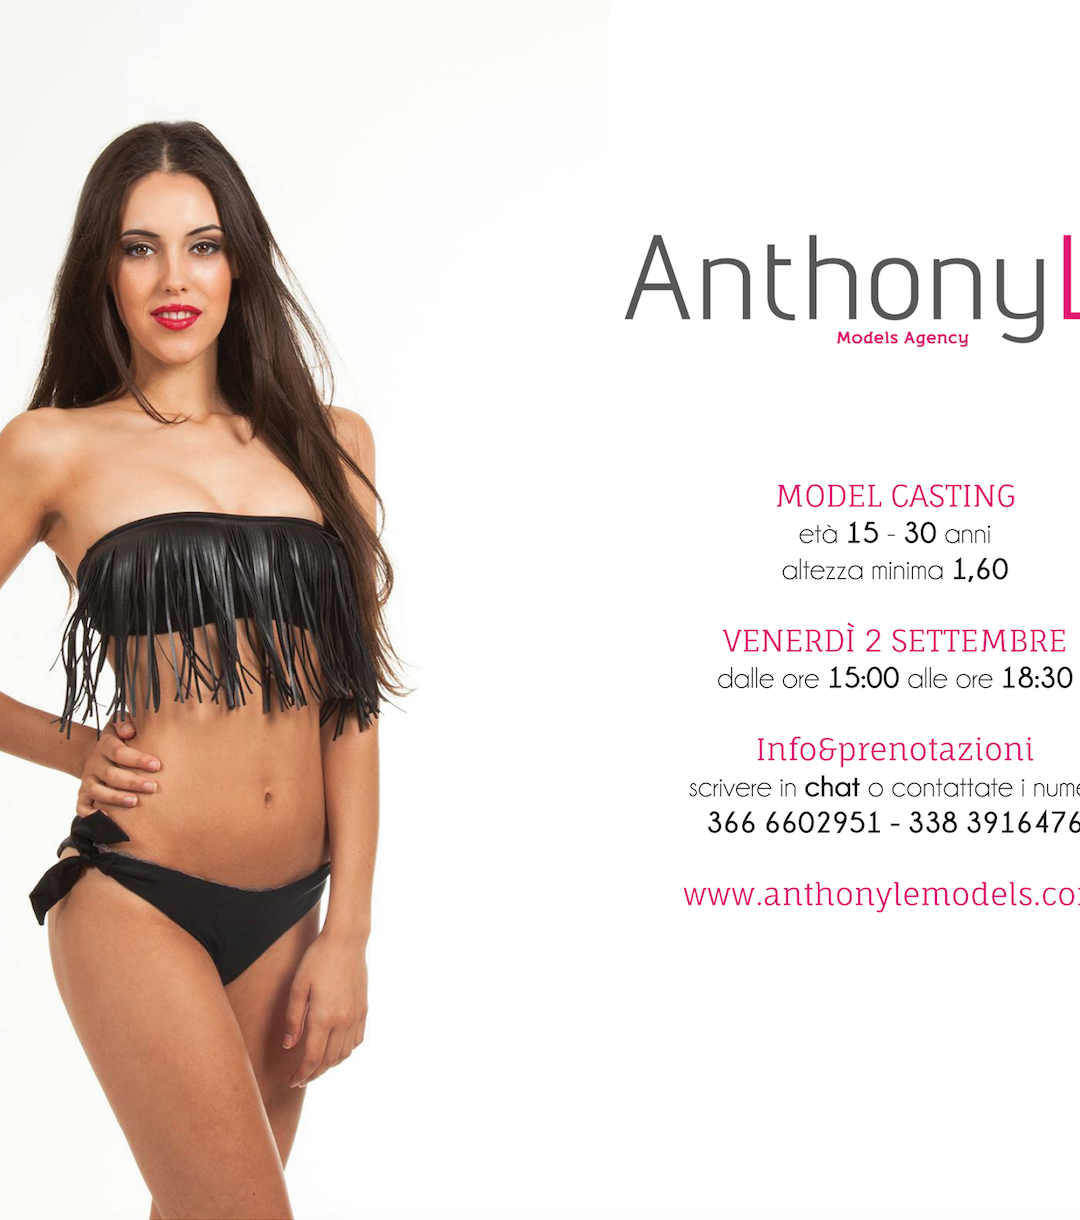 Model casting 2 settembre 2016